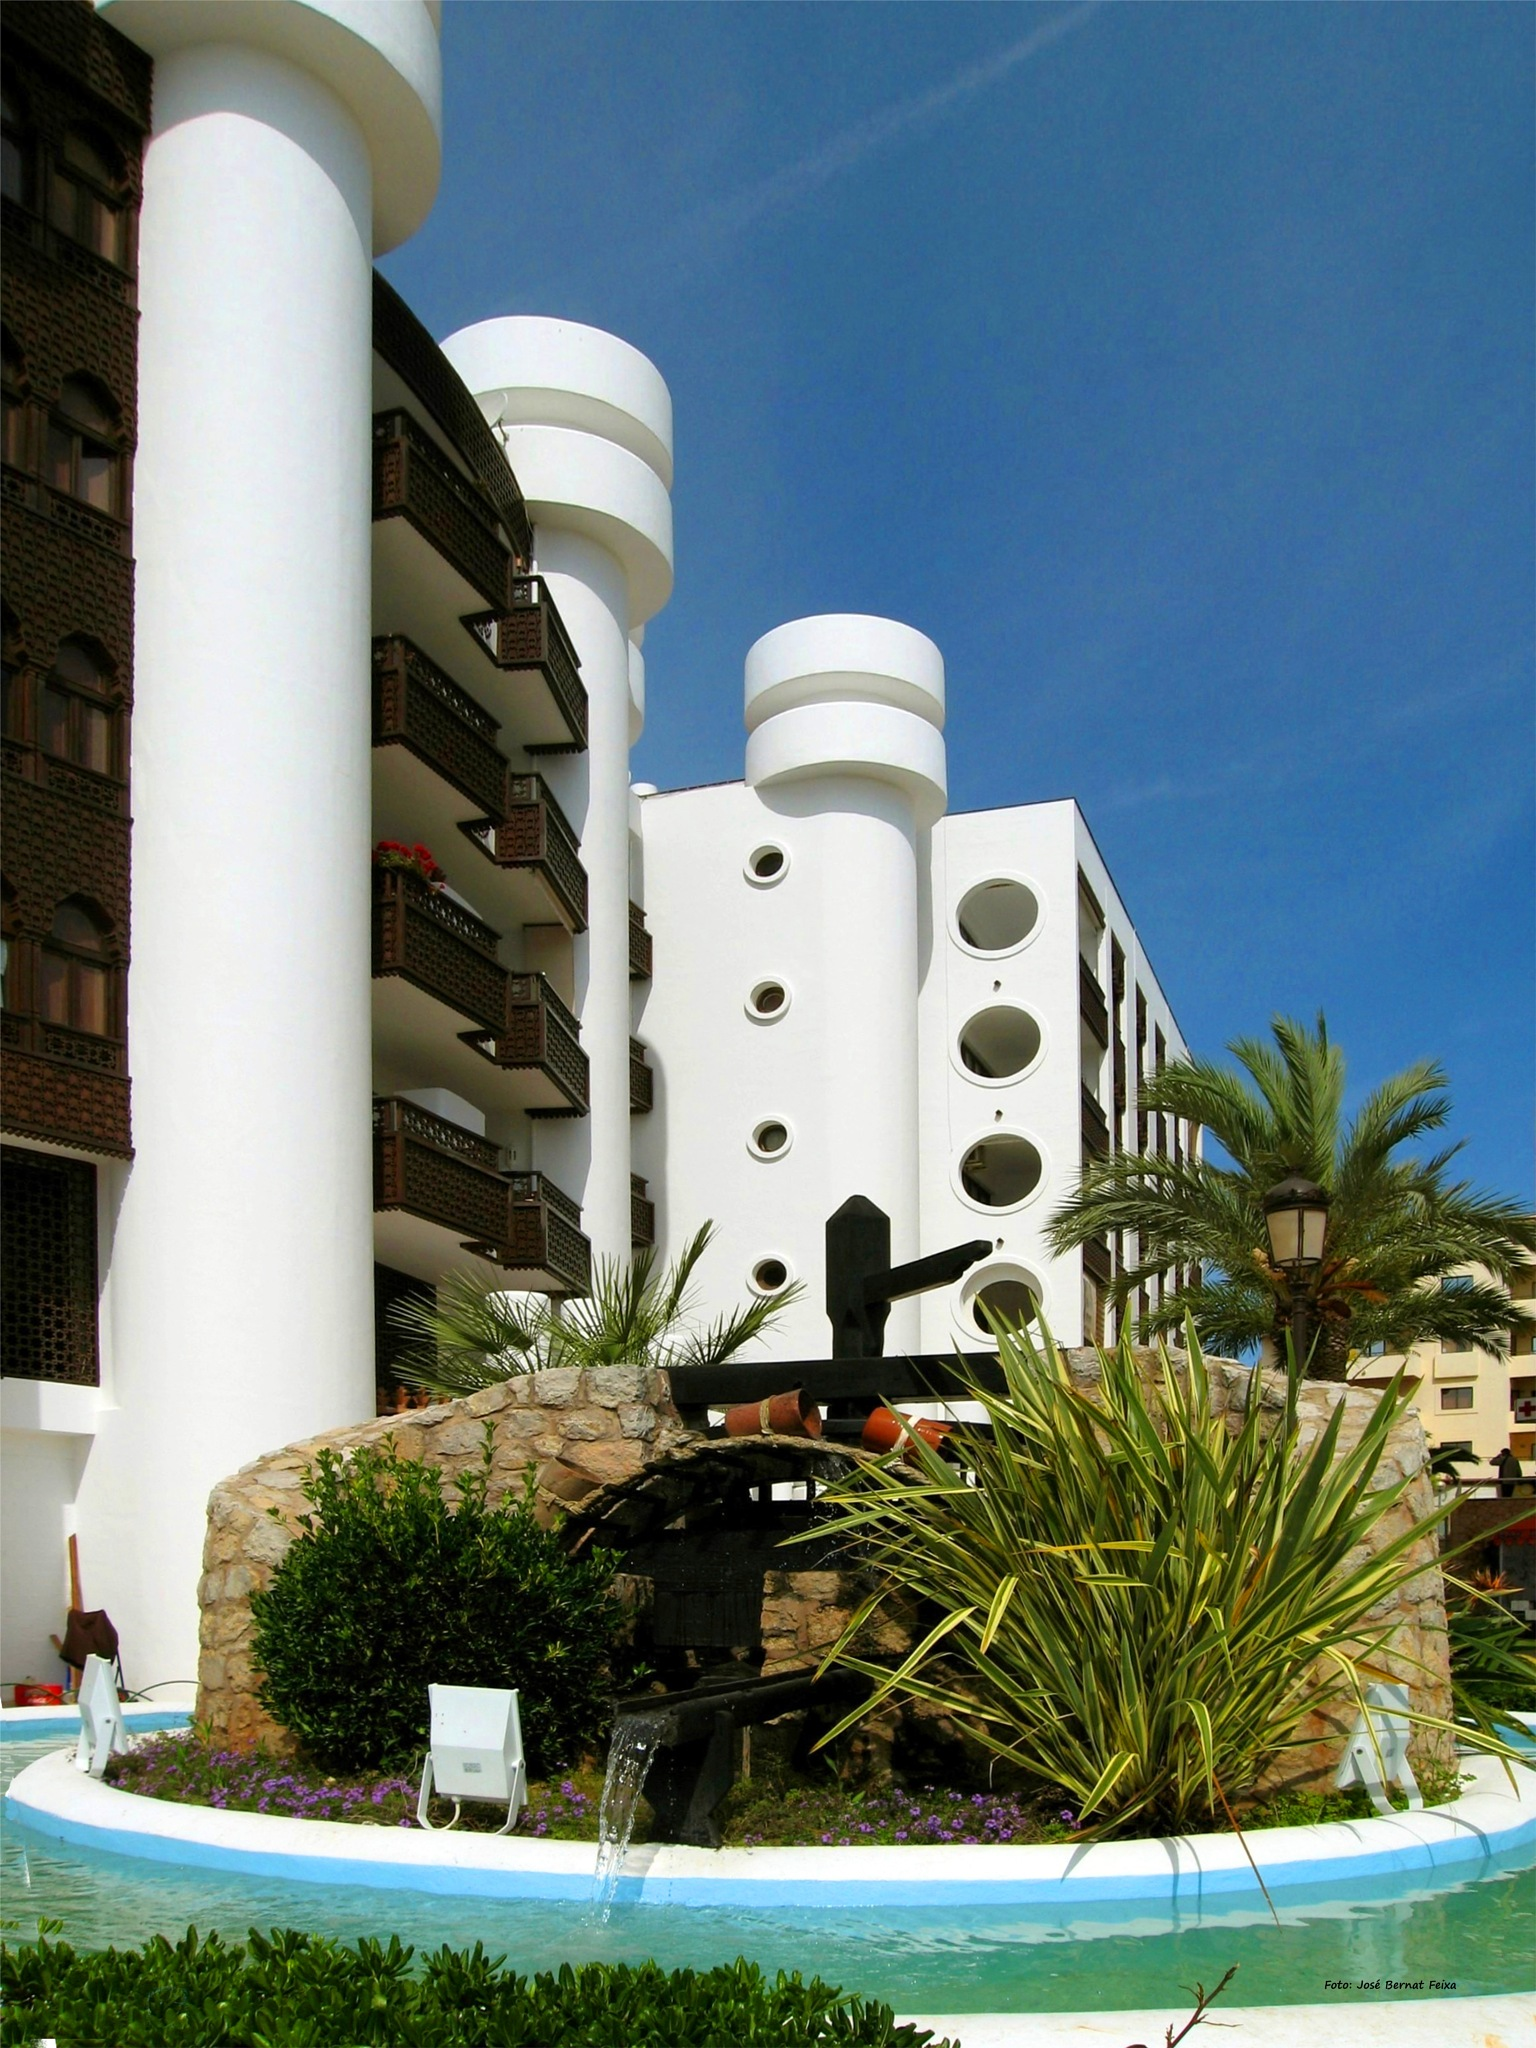 FUENTE Y EDIFICIOS ; FONTEIN AND GEBOUWEN ; FOUNTAIN AND BUILDINGS by José Bernat Feixa